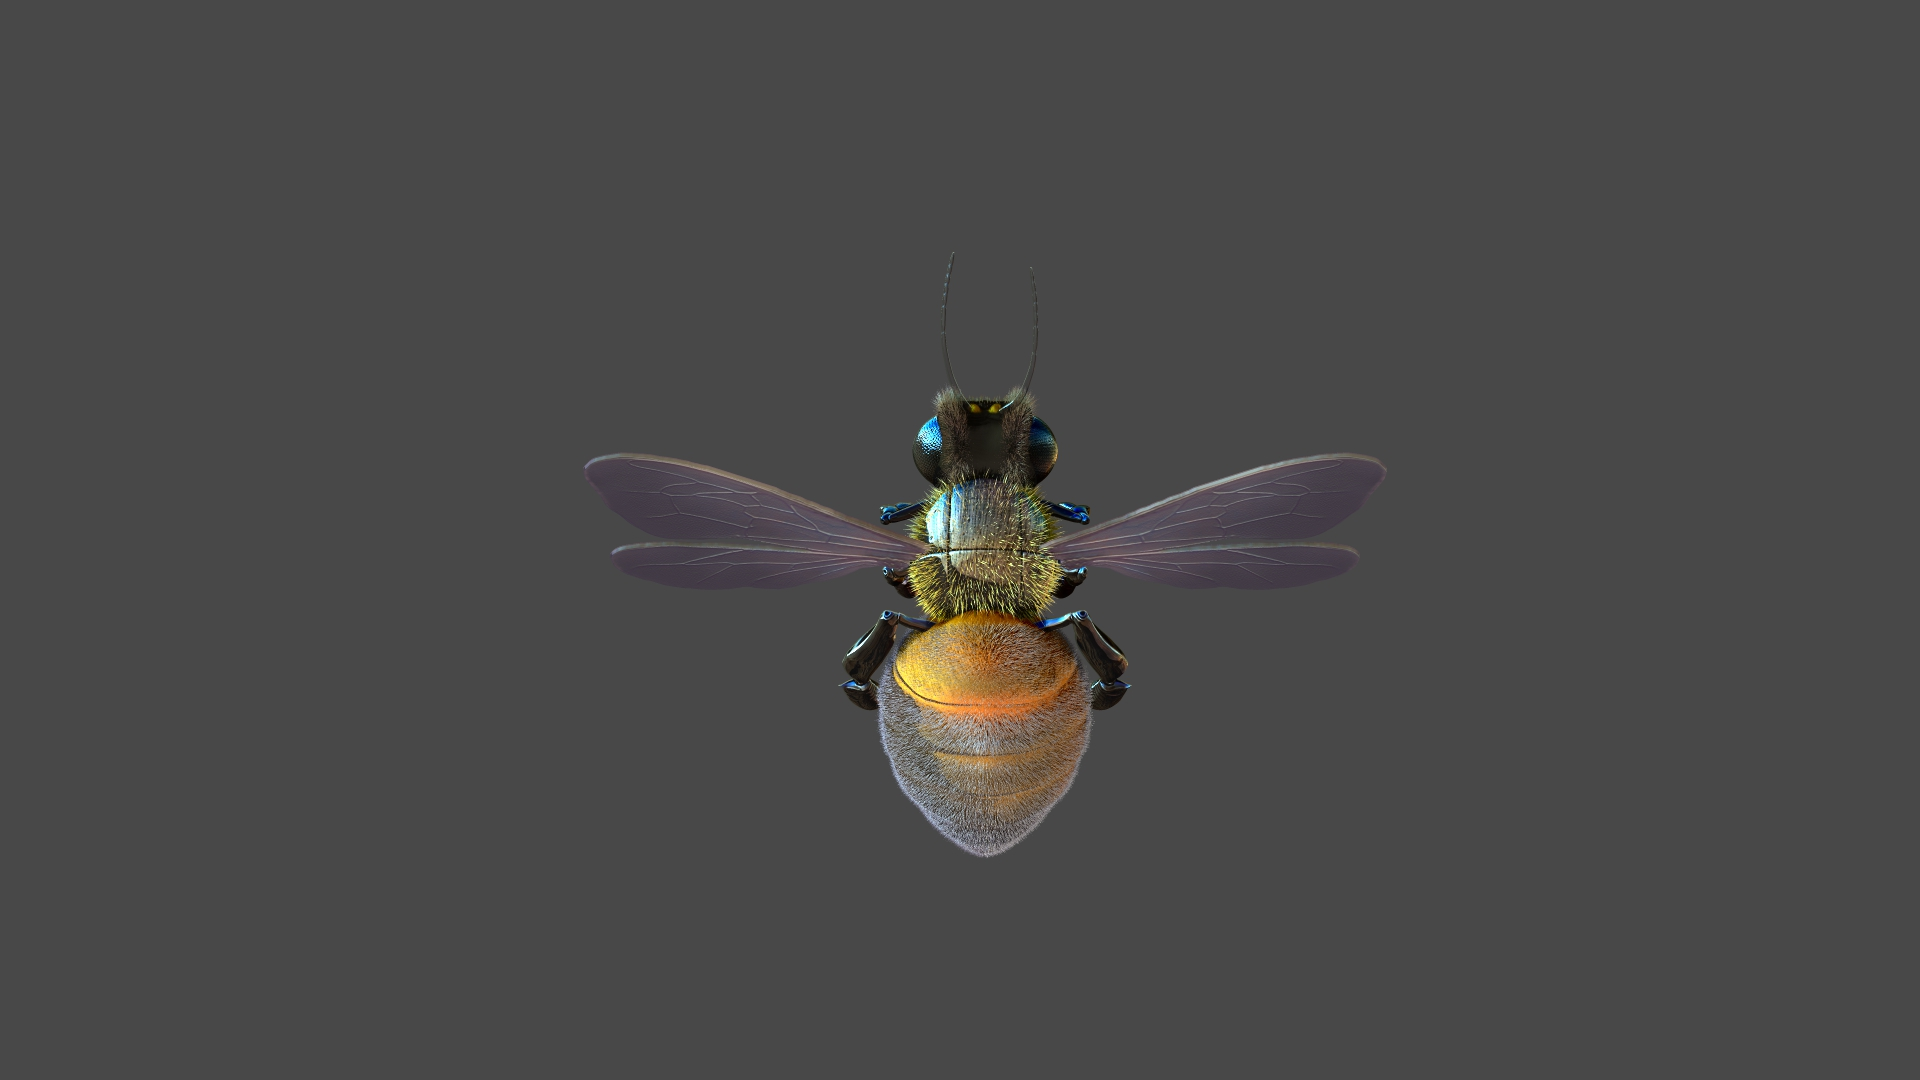 Honeybee4.jpg